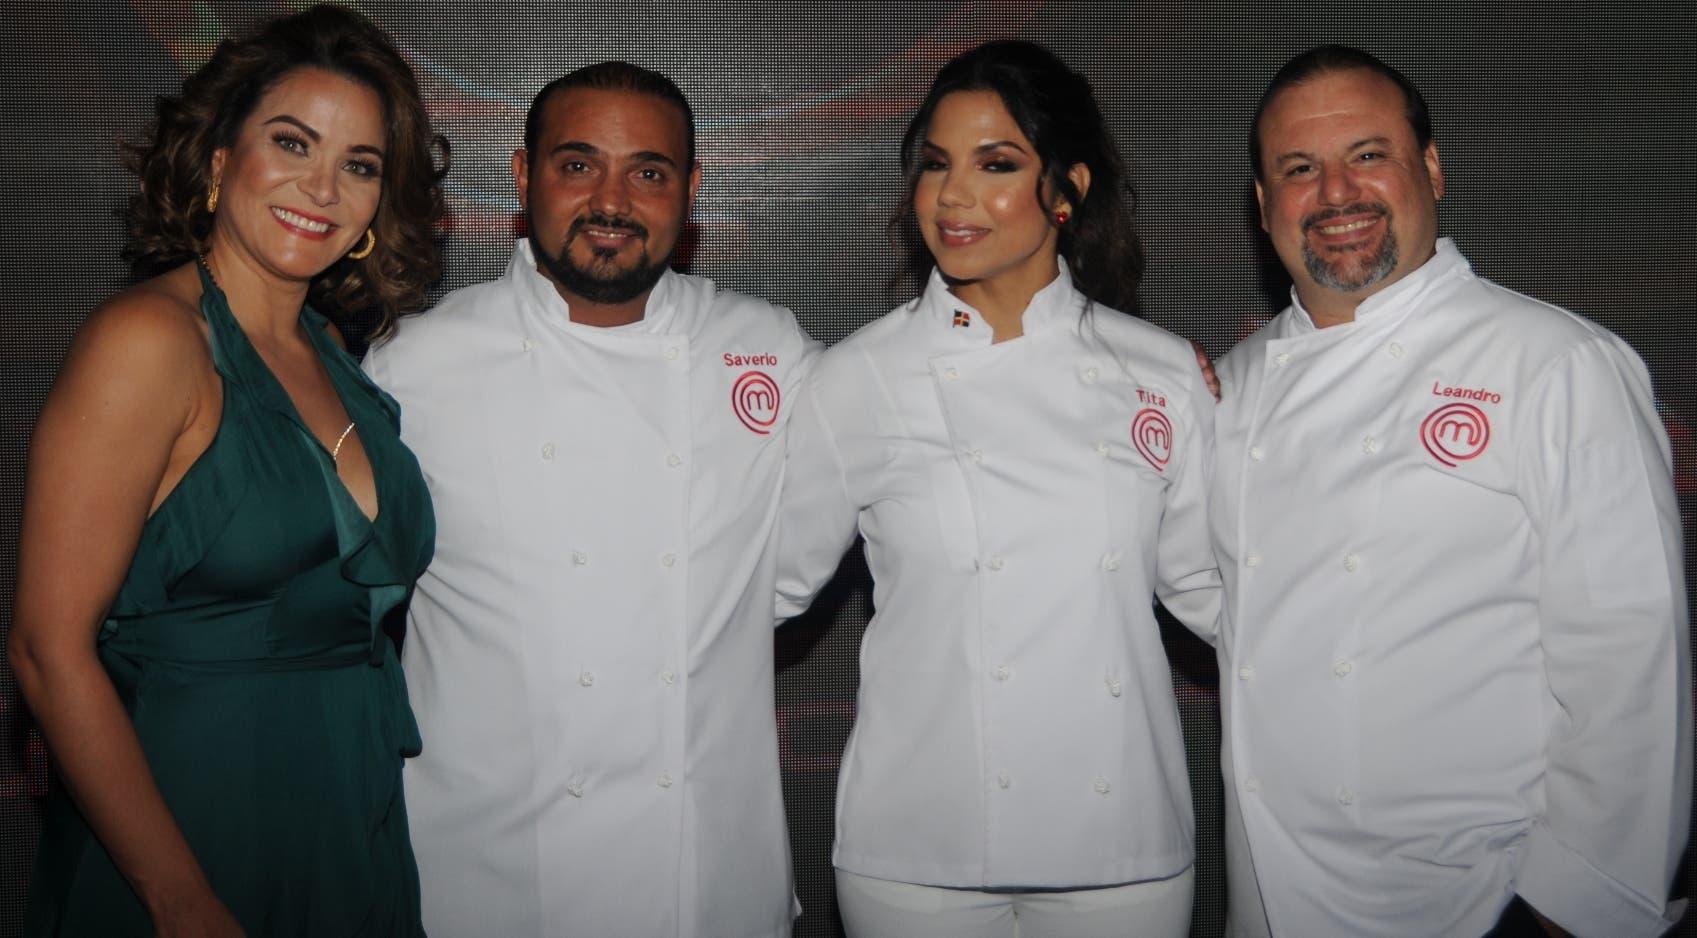 Mildred Quiroz conductora del reality, junto a los chef Saverio Stassi, Inés Páez (Tita) y Leandro Díaz.  Nicolás Monegro